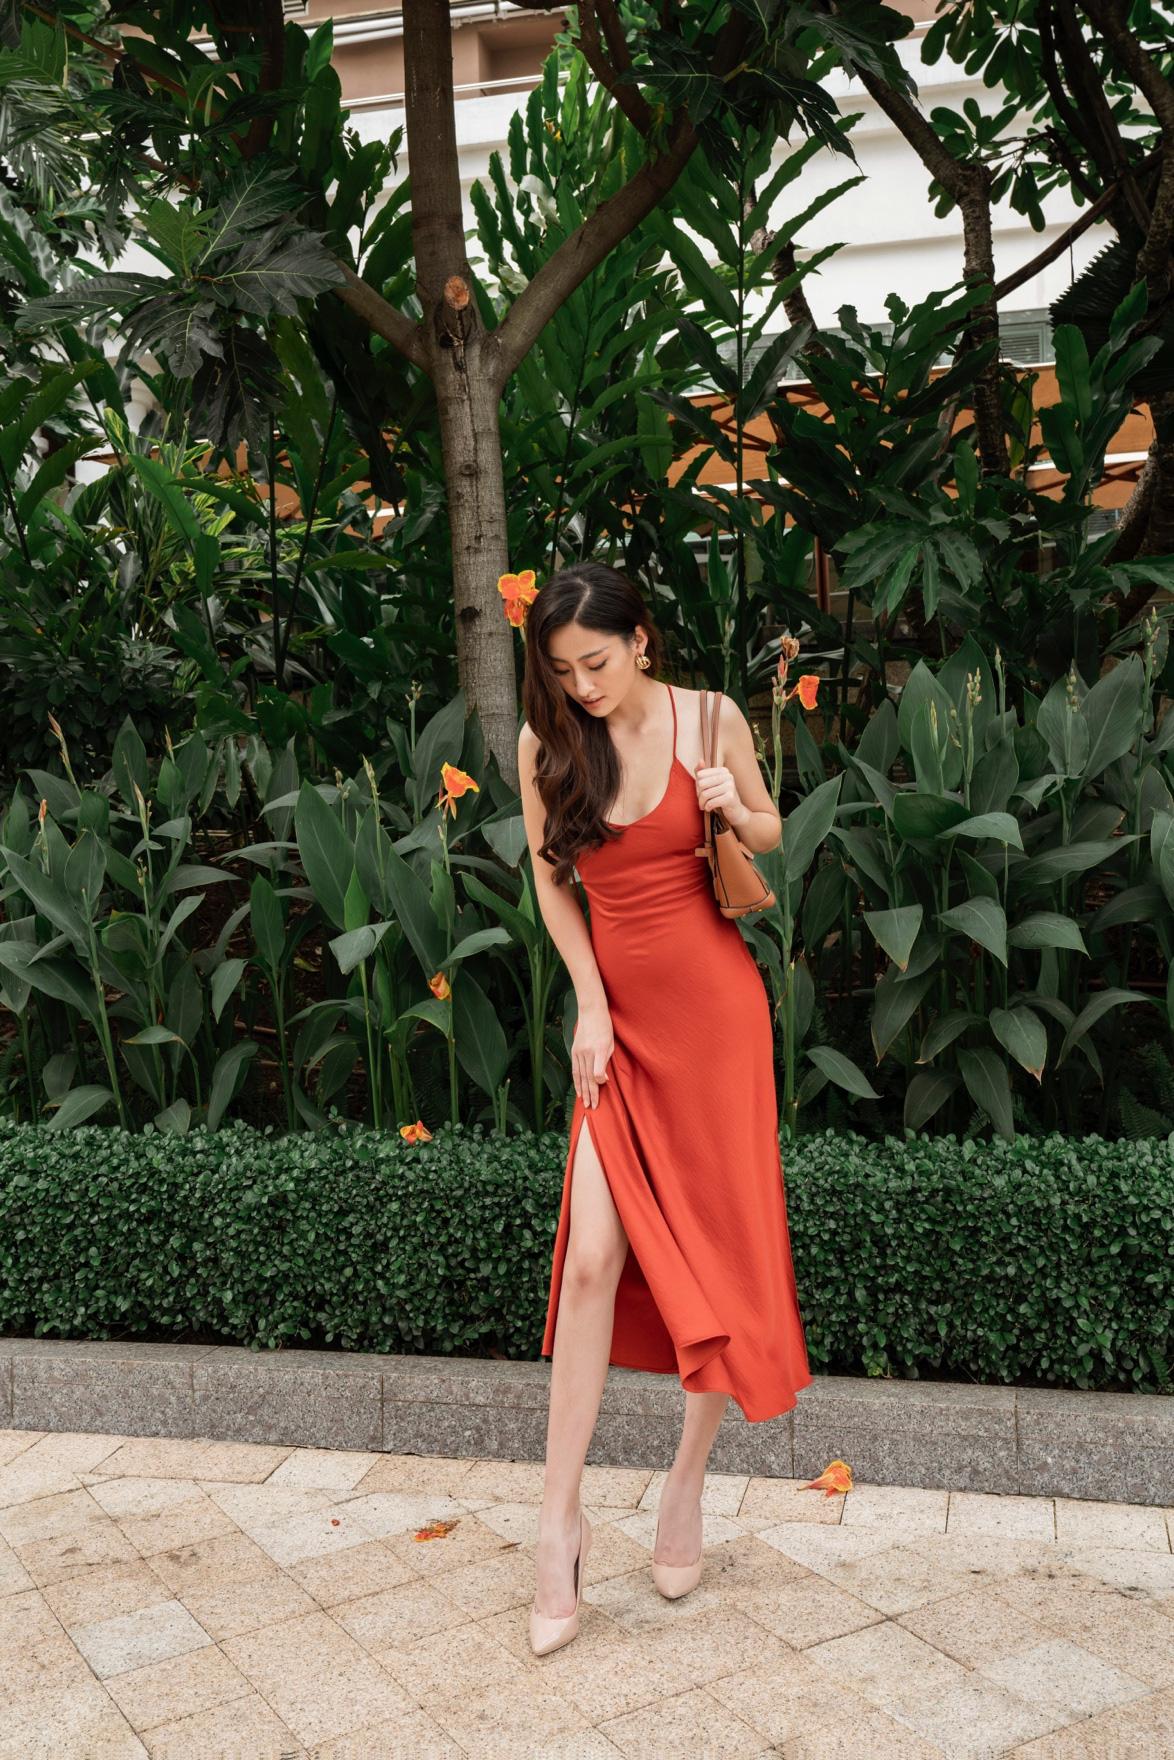 Tỏa sáng tiệc cuối năm, hội chị em nên học ngay bí kíp dress up của Hoa hậu Lương Thùy Linh - Ảnh 8.